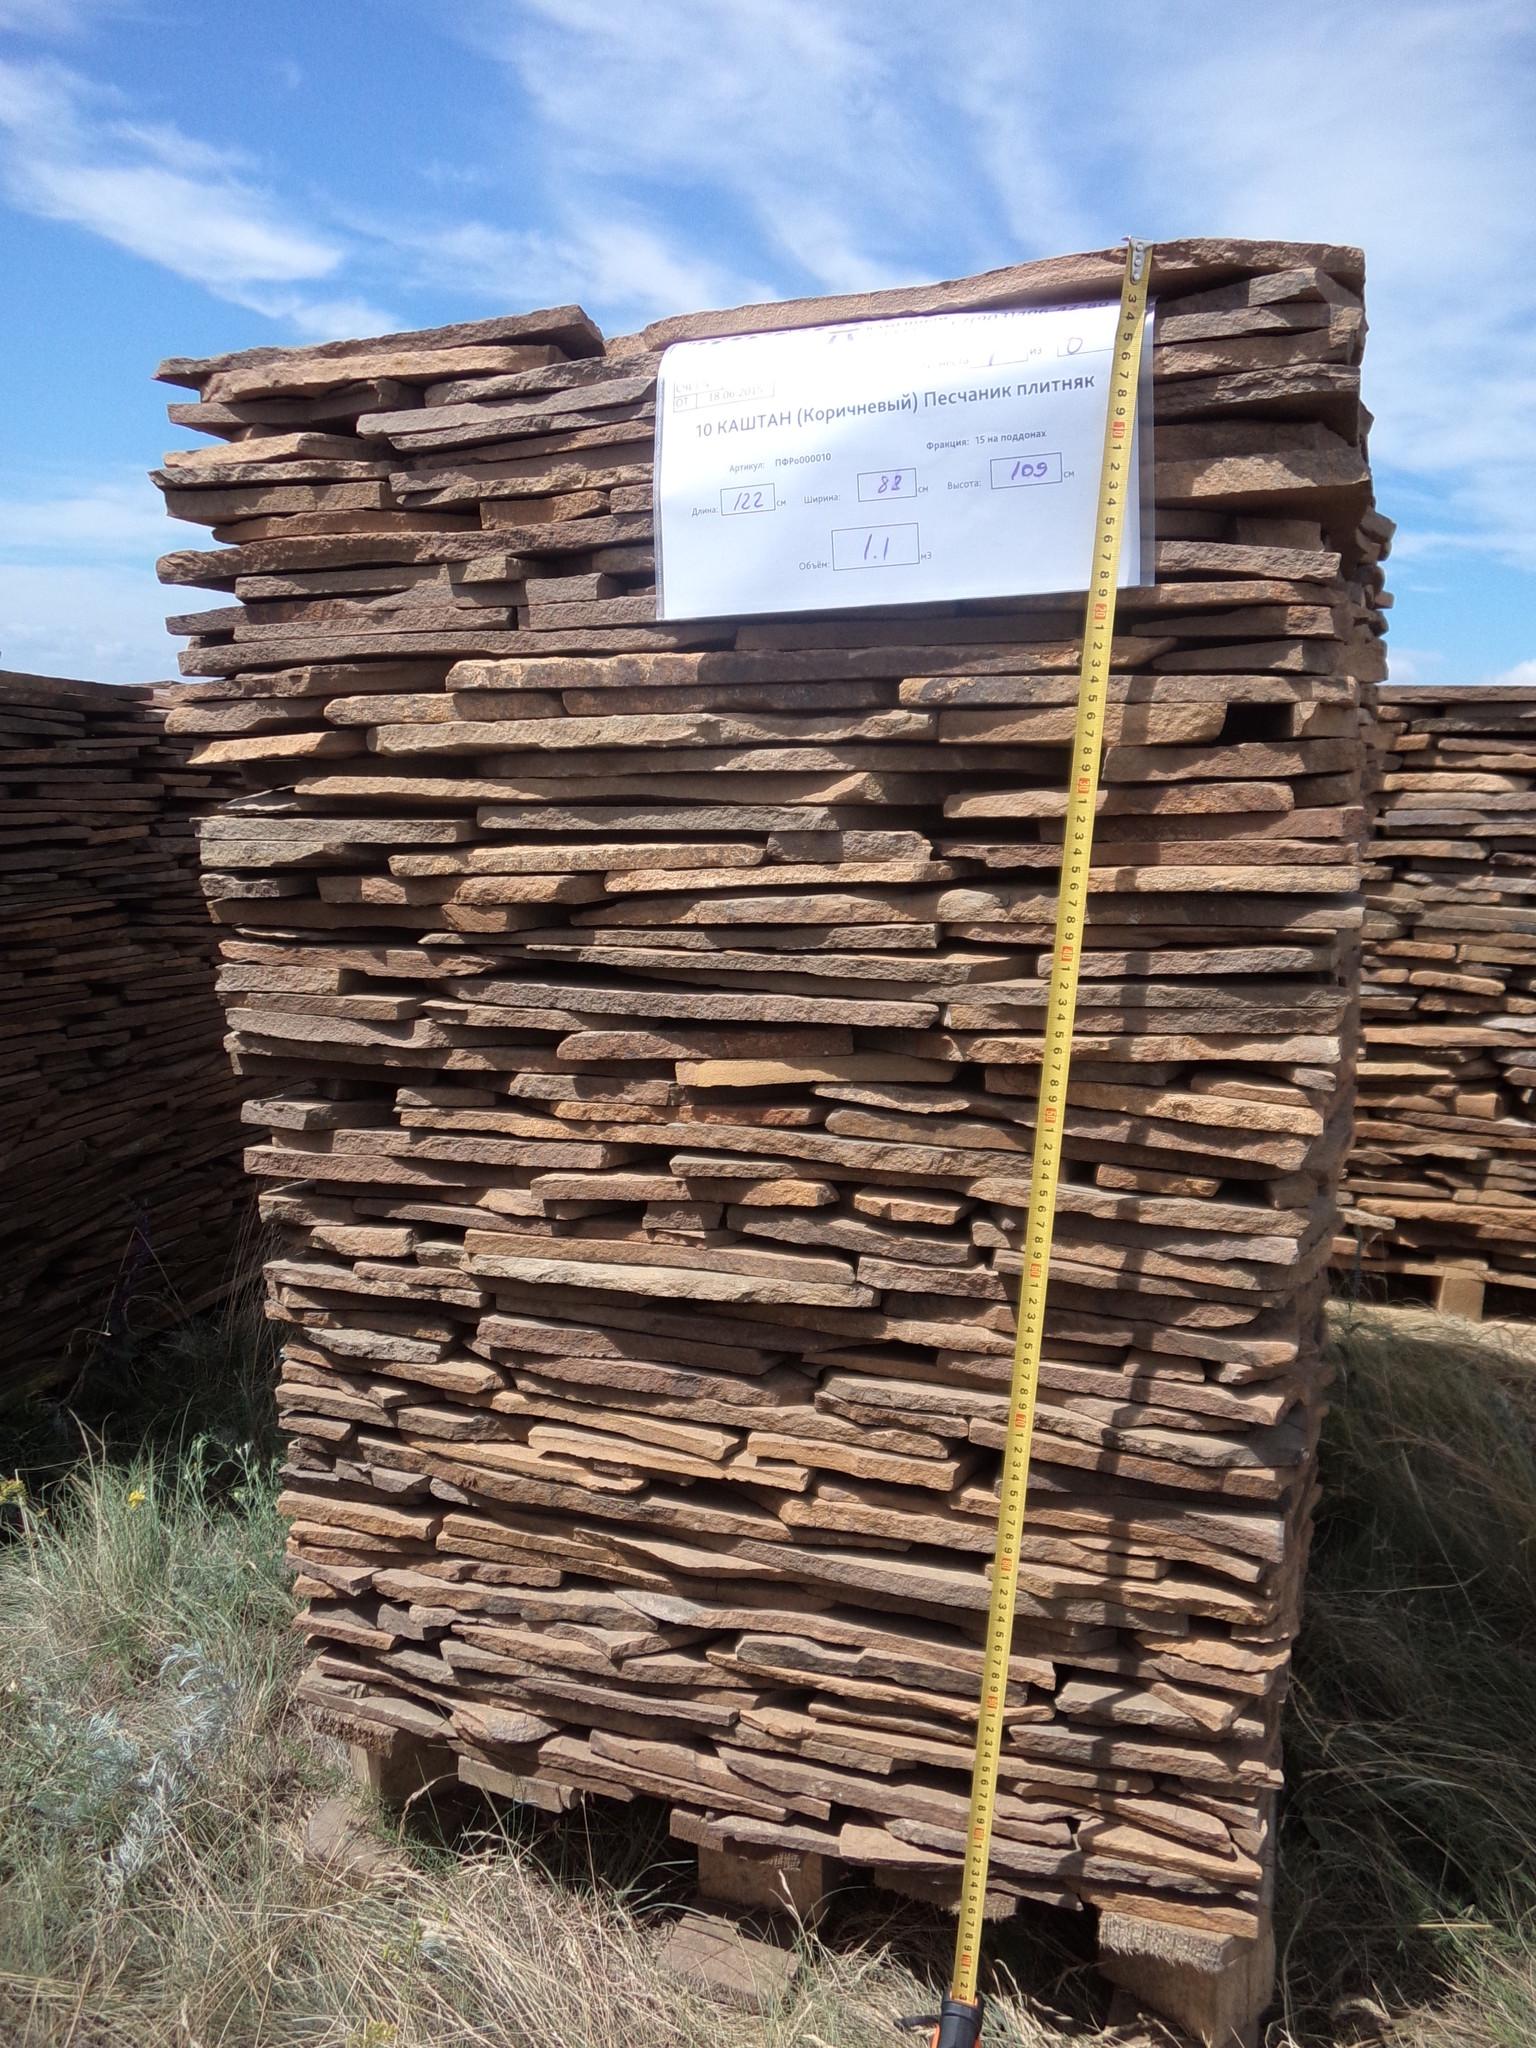 Песчаник плитняк Каштан поддон Каменного портала